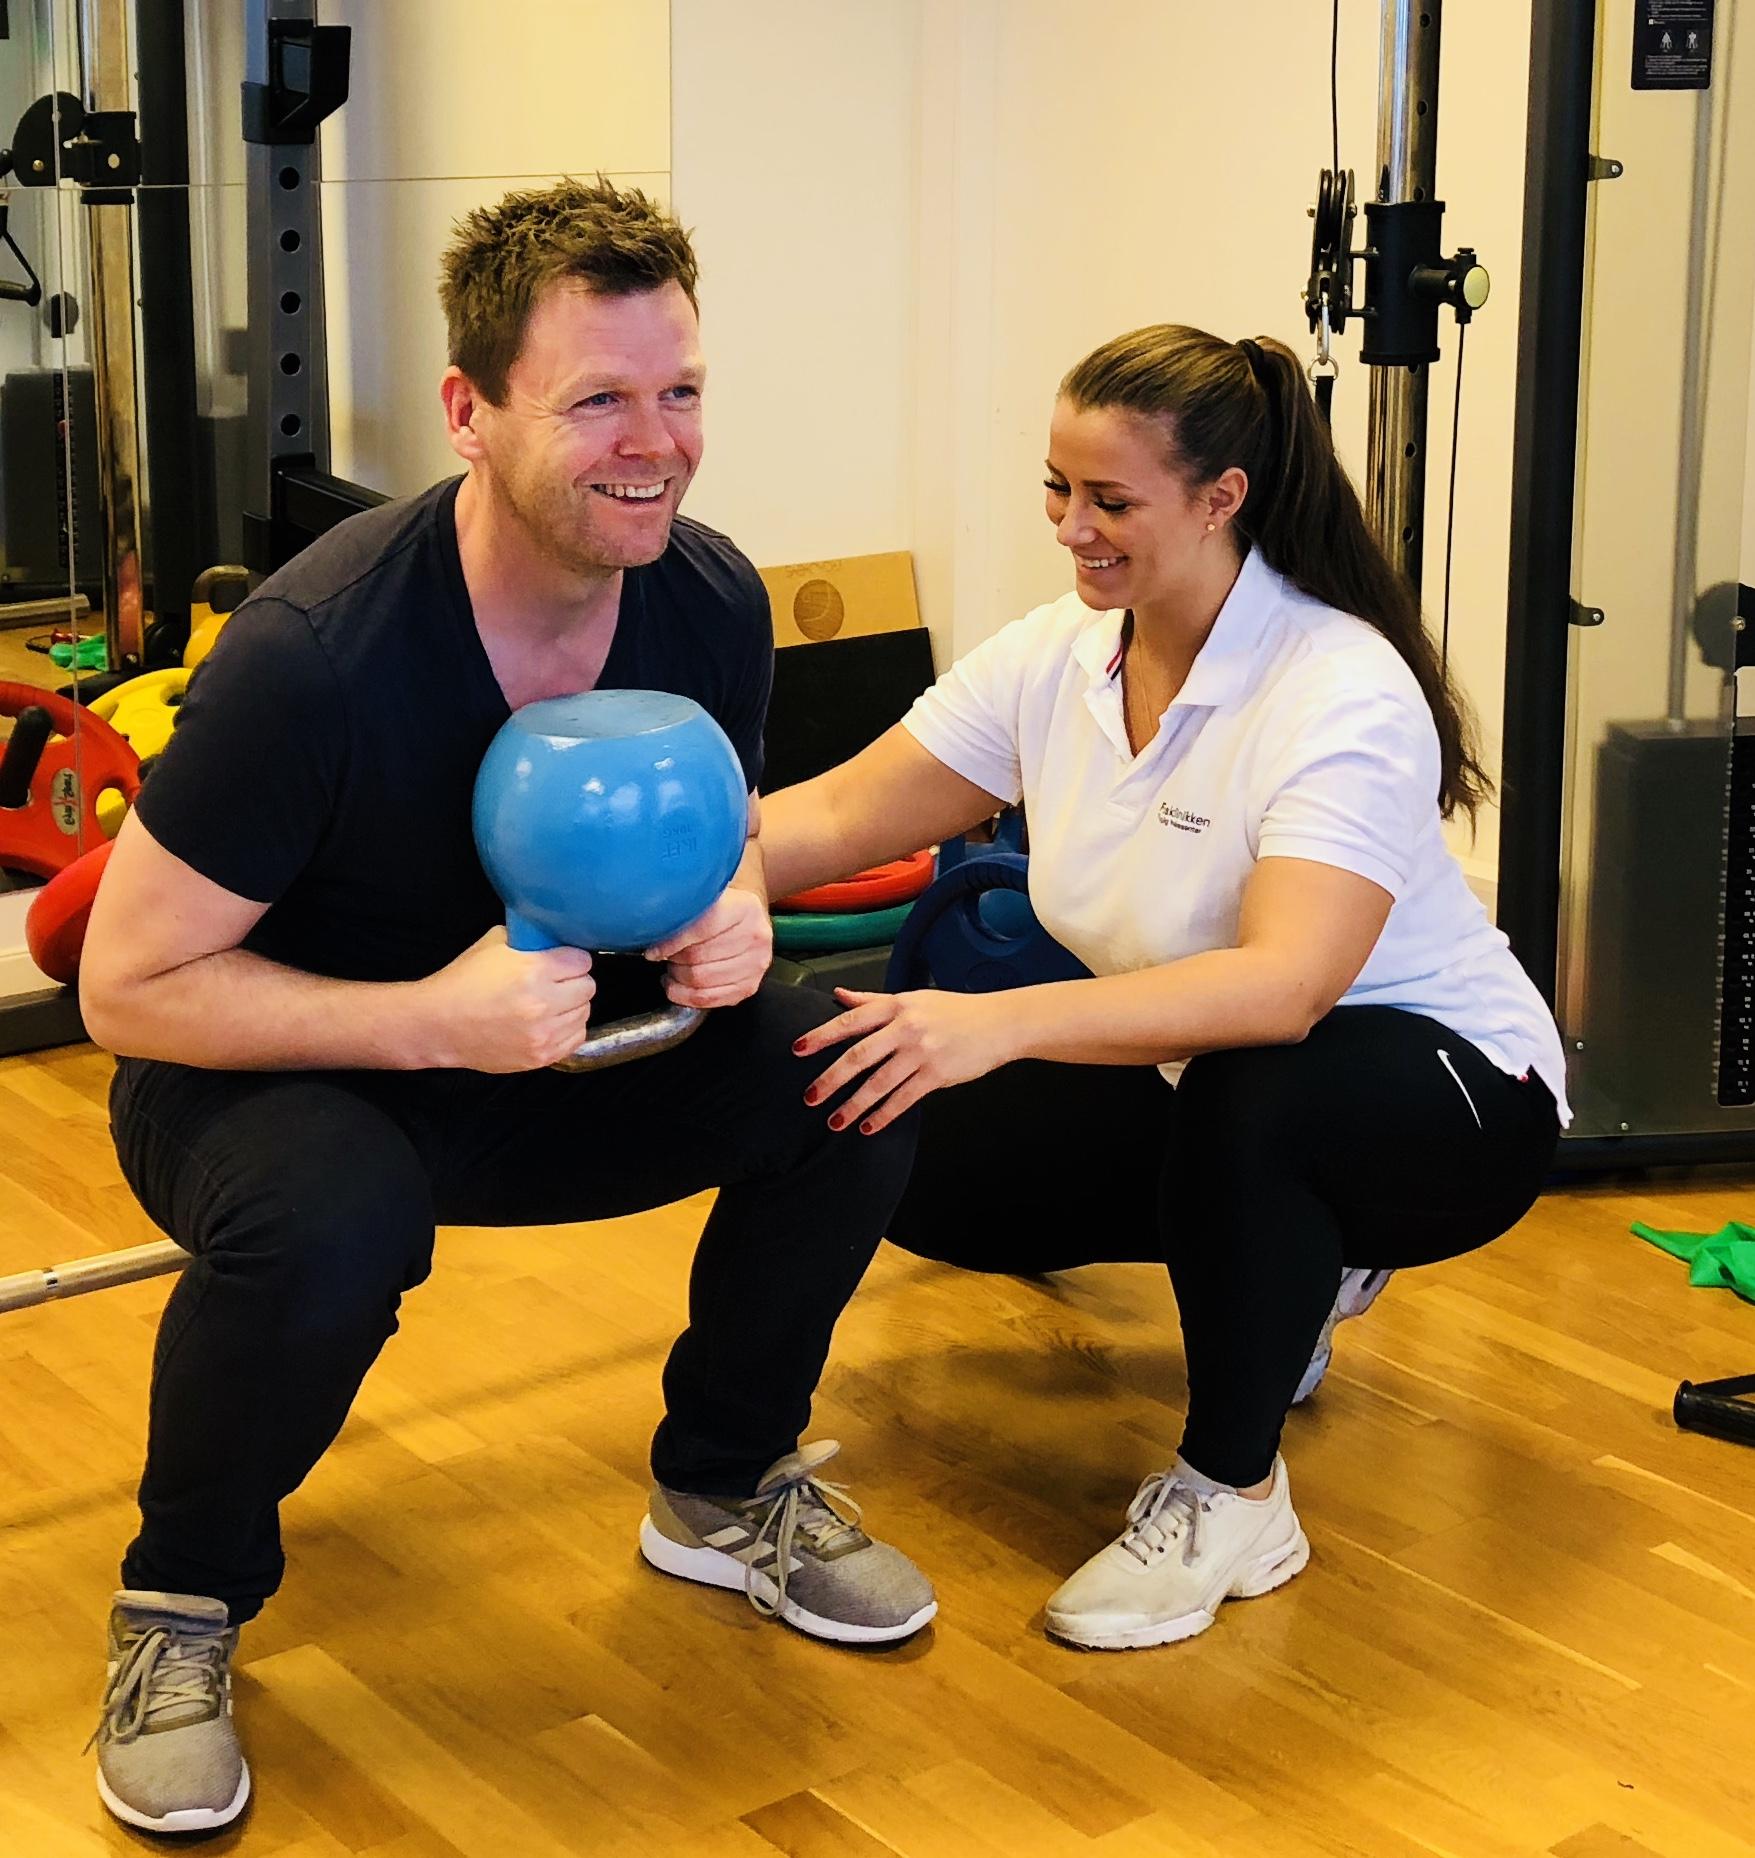 Osteopat, personlig trener og kostholdsveileder Sandra tilbyr vektnedgangsgrupper på Fokusklinikken i april 2019.